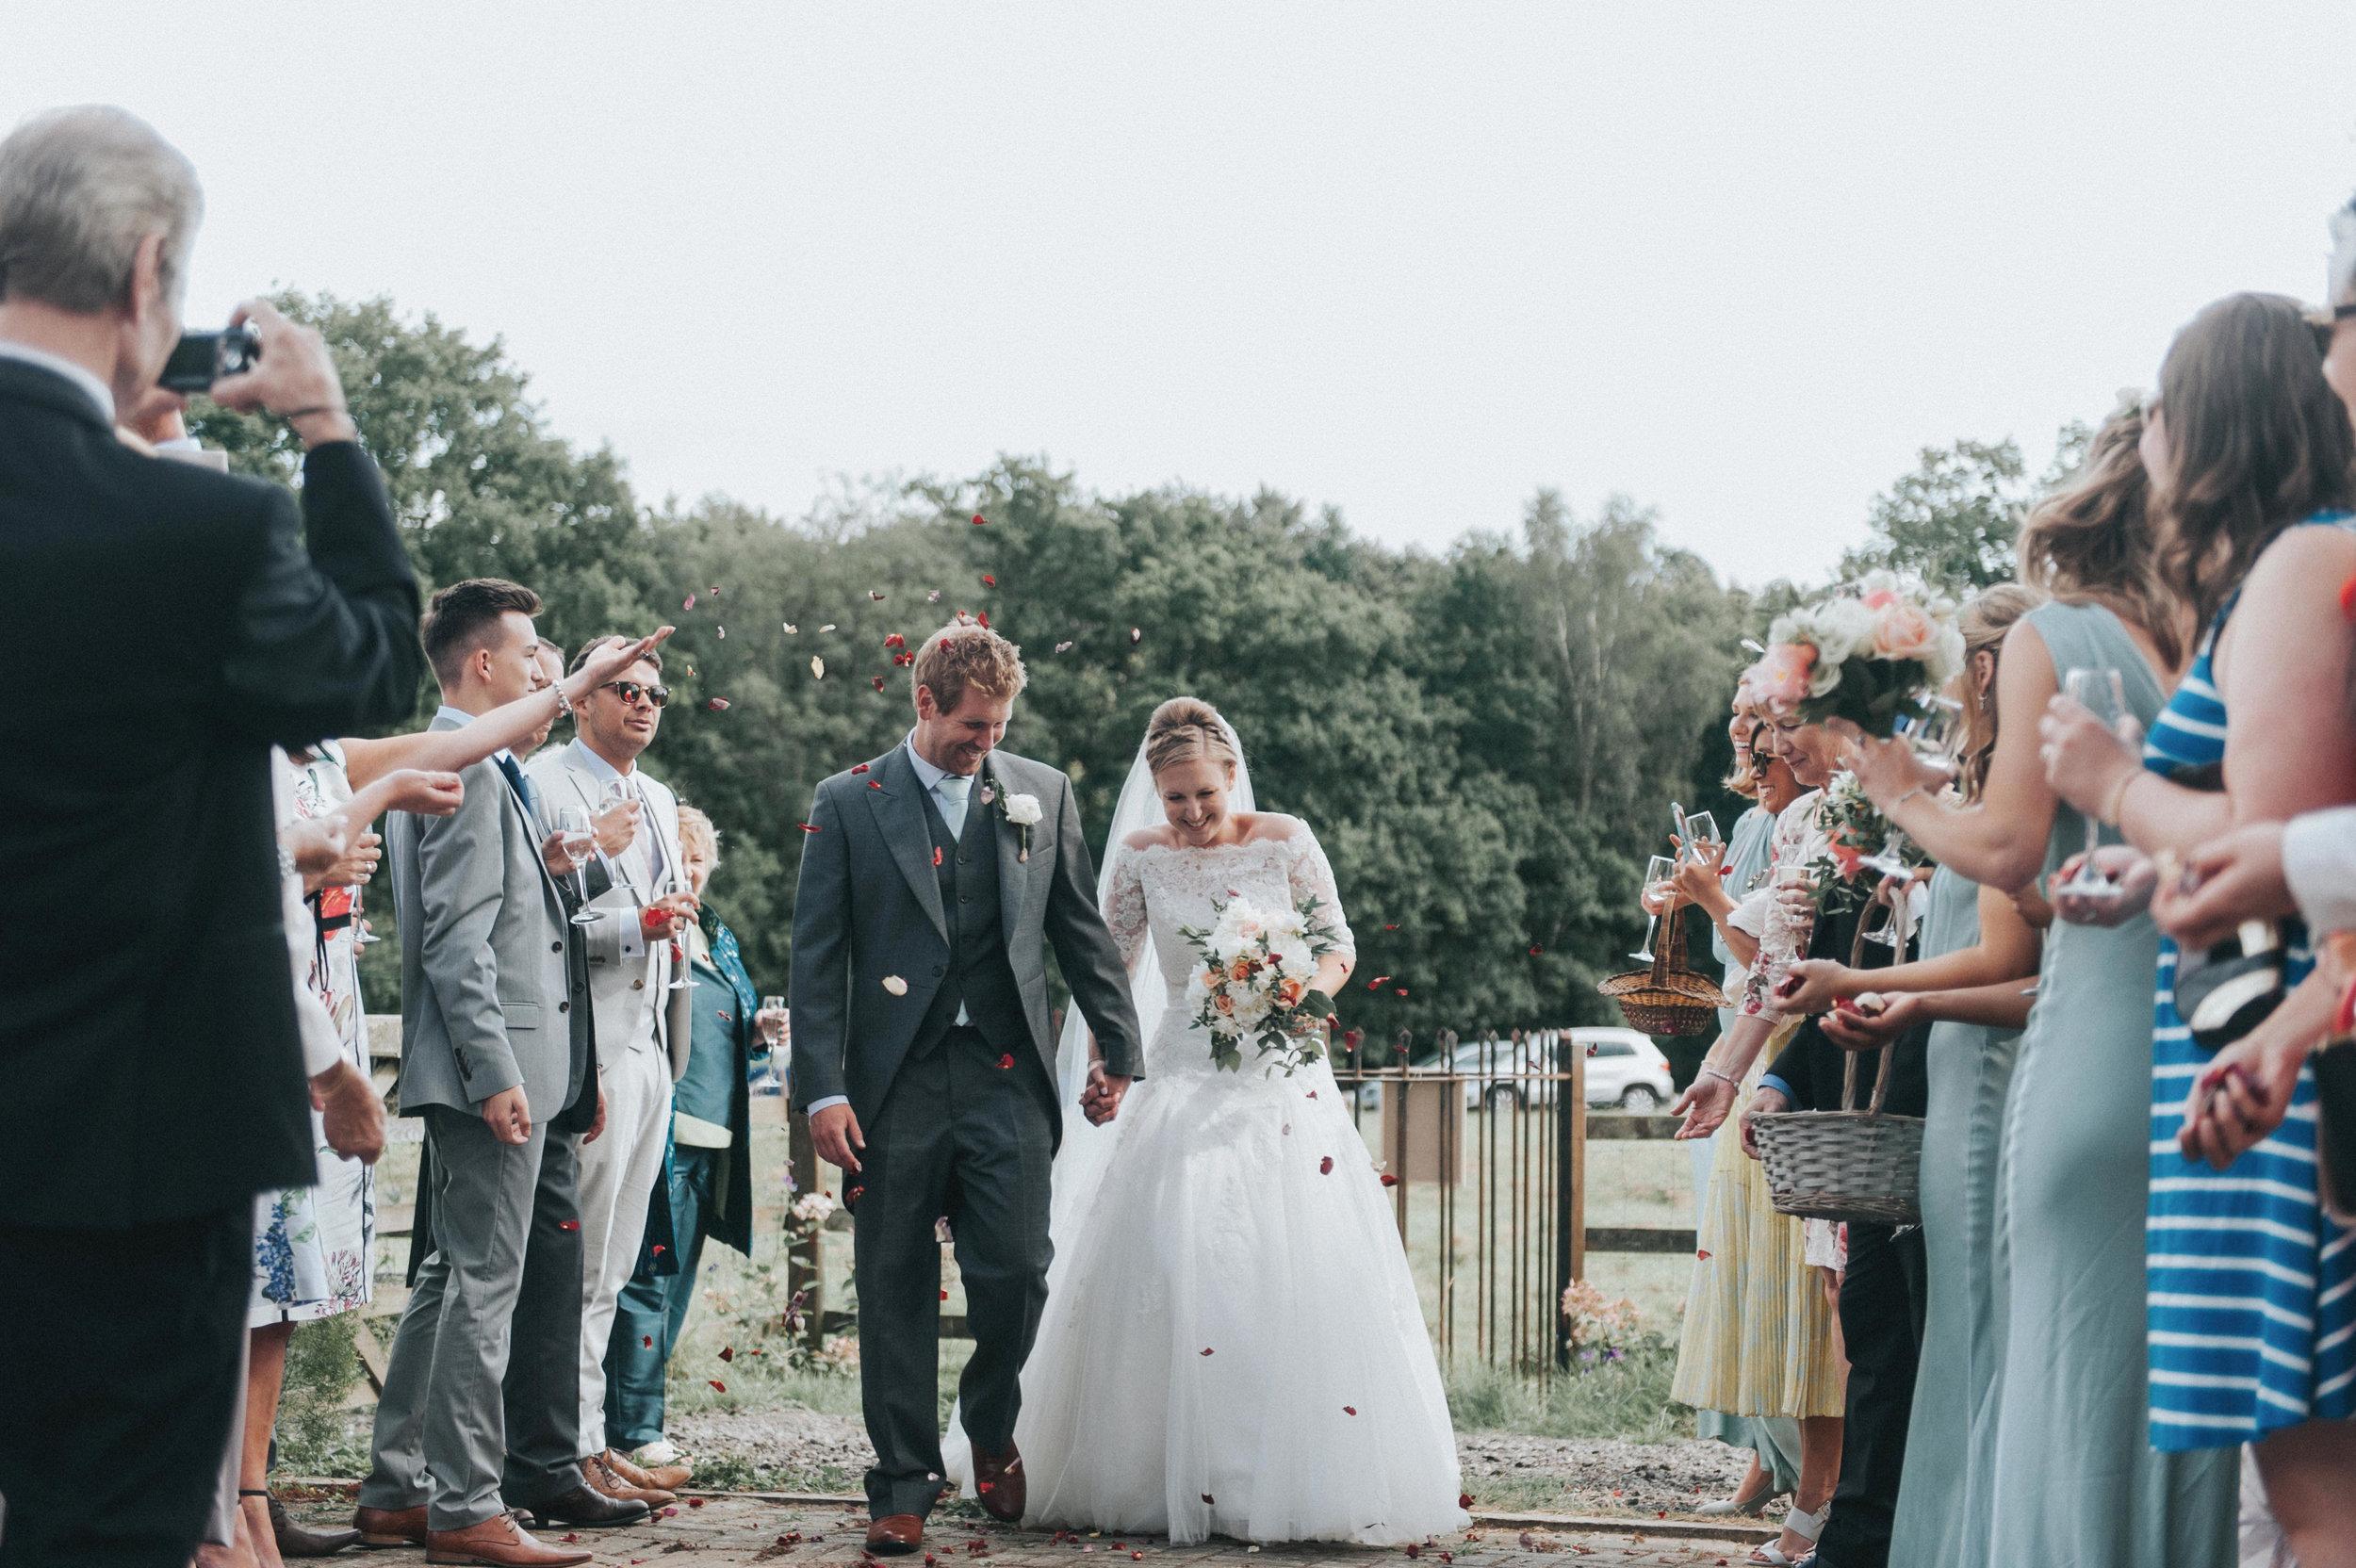 festival-farm-wedding-093.jpg